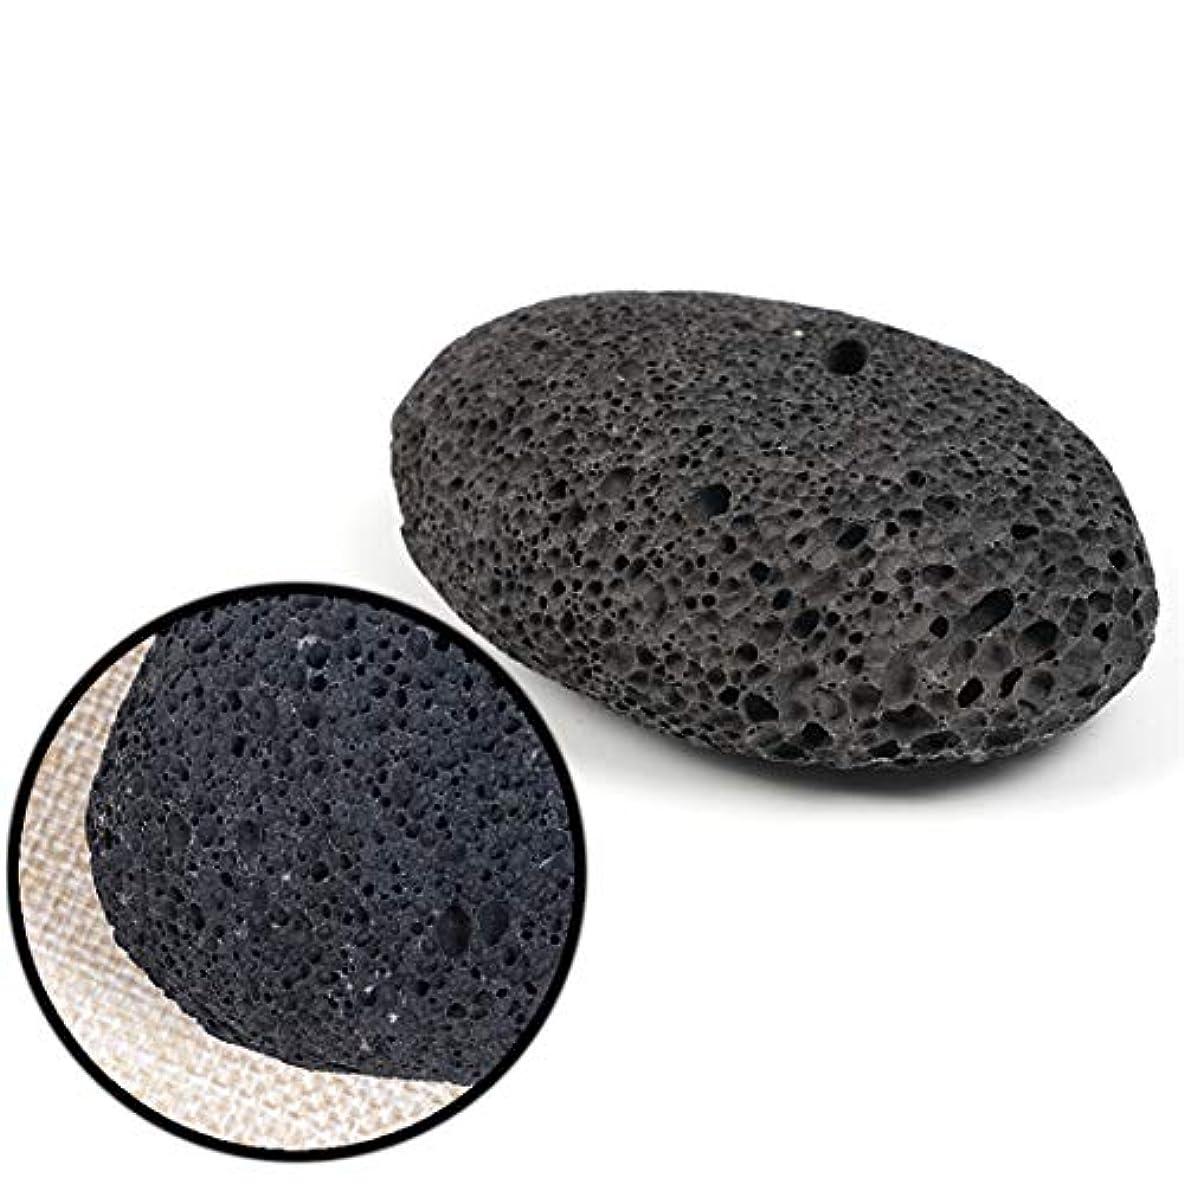 対抗はちみつ油天然溶岩軽石火山岩石スクラブデッドスキンカルスリムーバーケアフットスキンケアツール